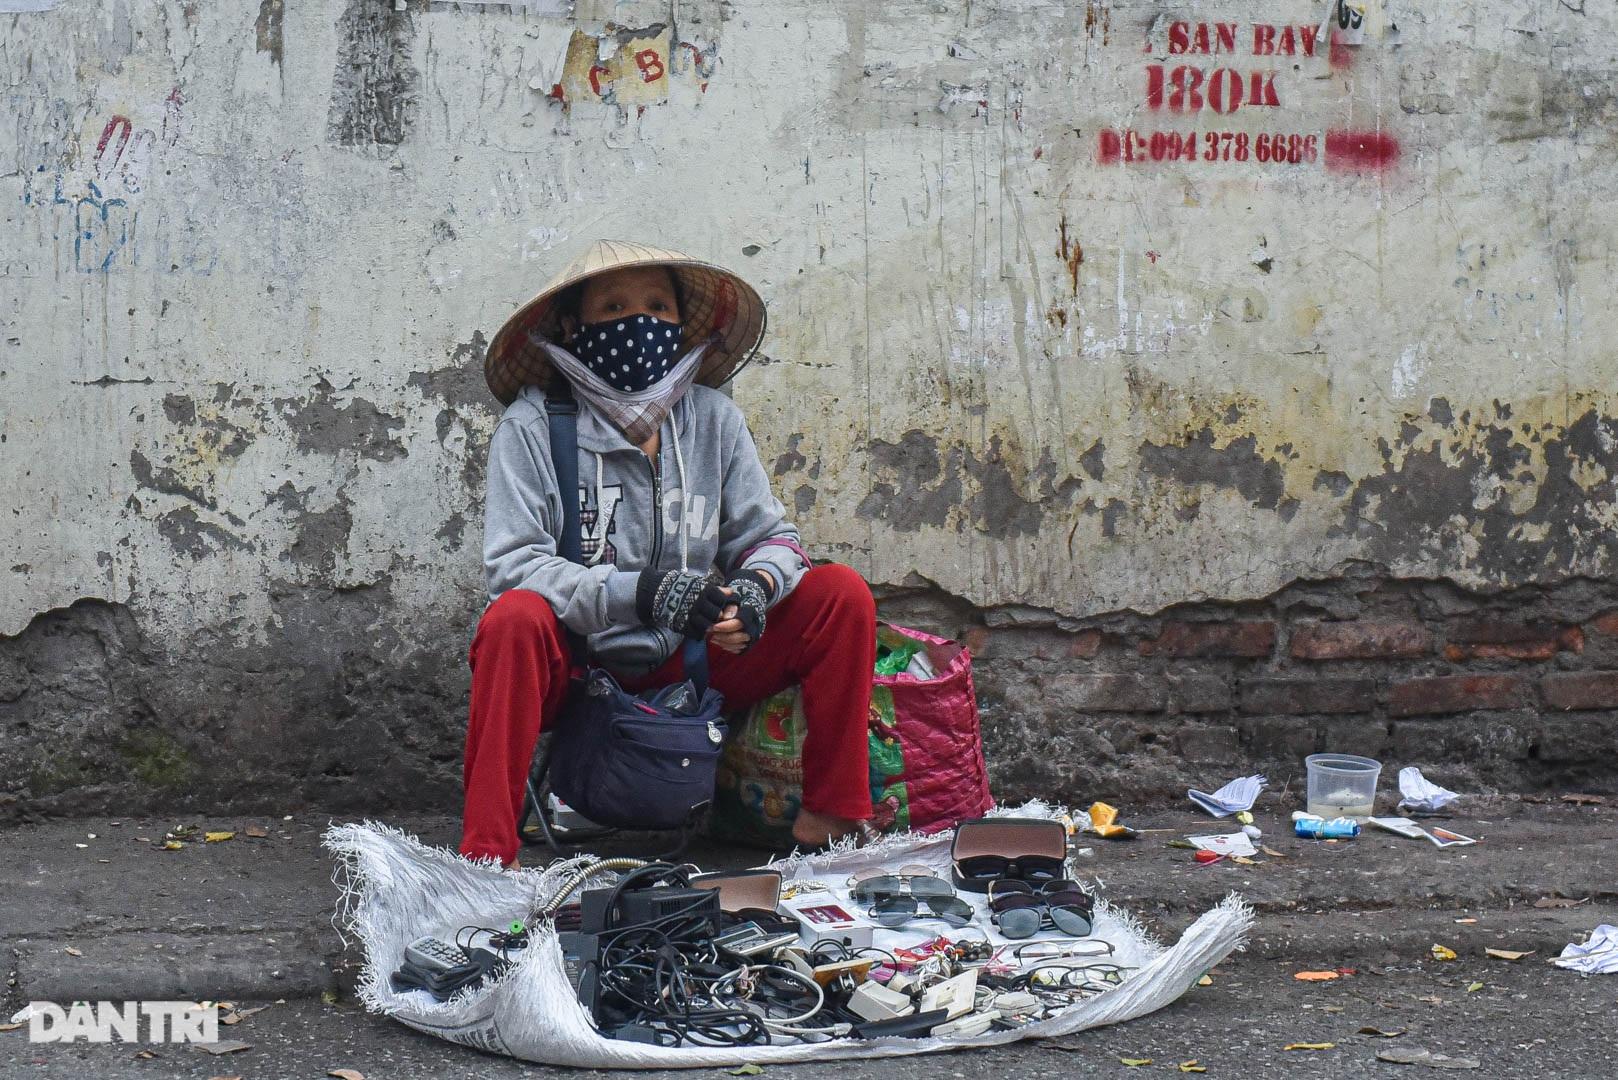 Khu chợ có cái tên độc, lạ bán đủ loại thượng vàng, hạ cám ở Hà Nội - 4